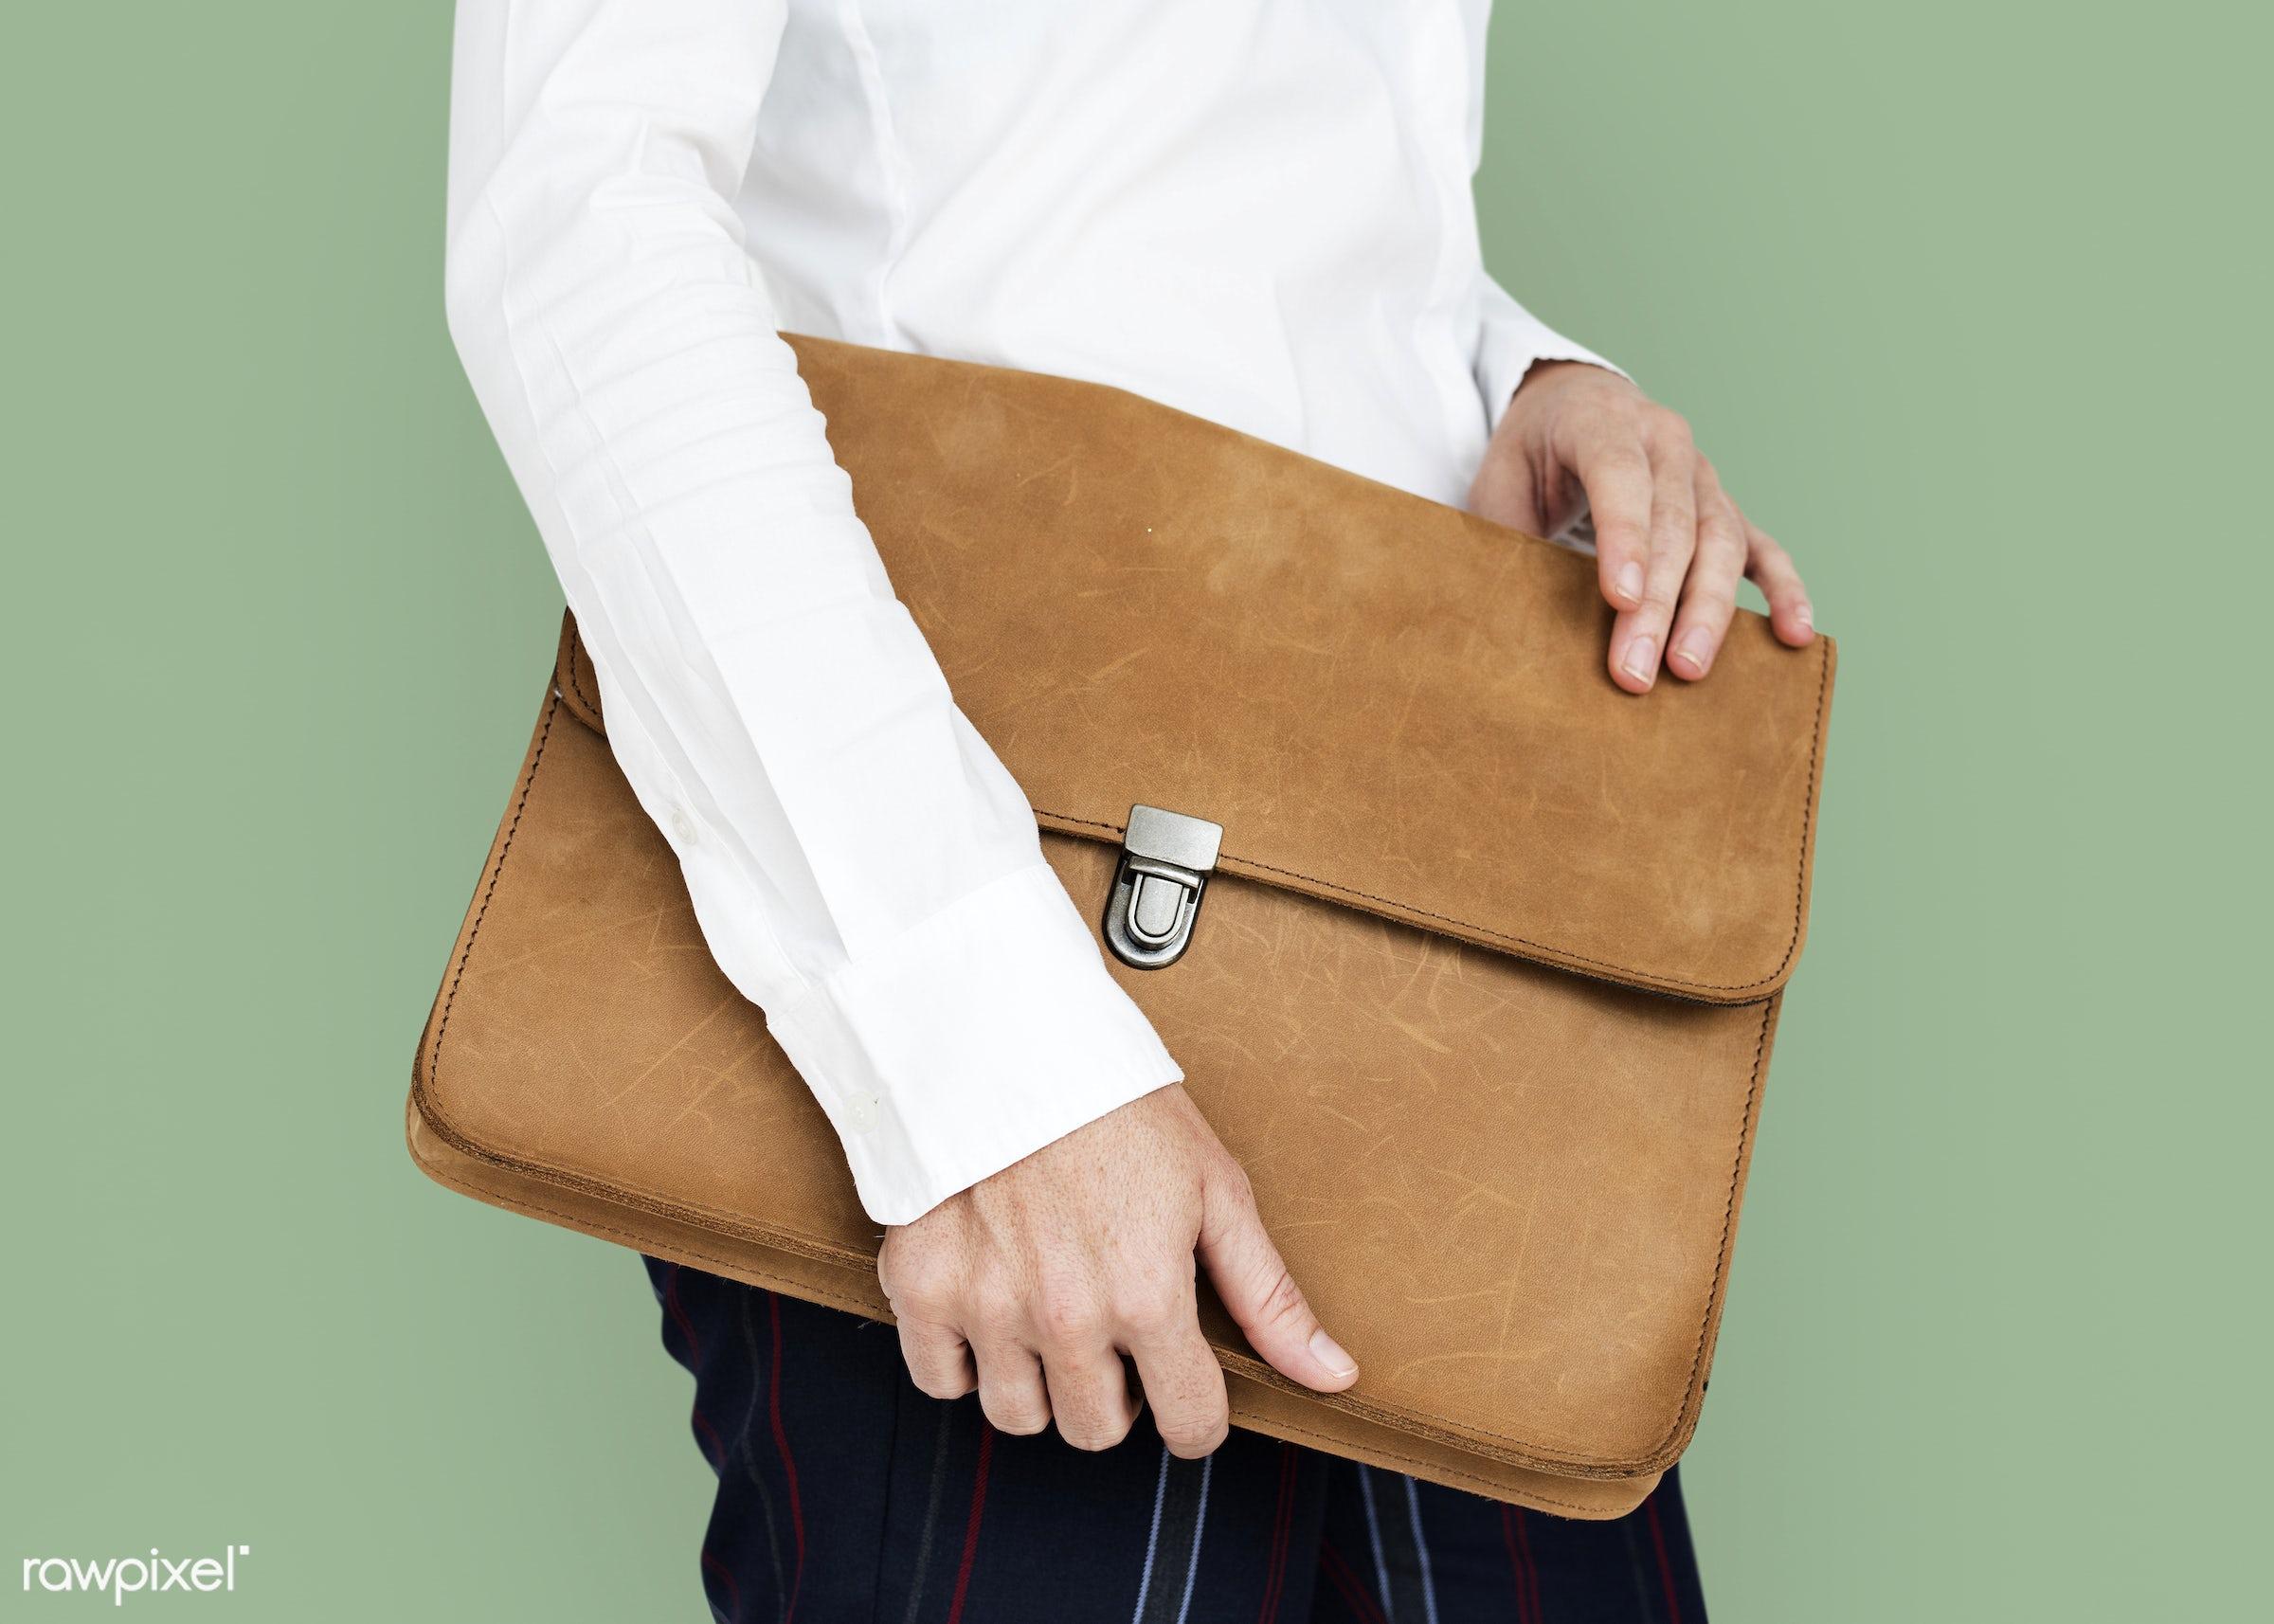 expression, studio, person, business wear, holding, messenger bag, folder bag, people, business, hands, man, strapless, work...